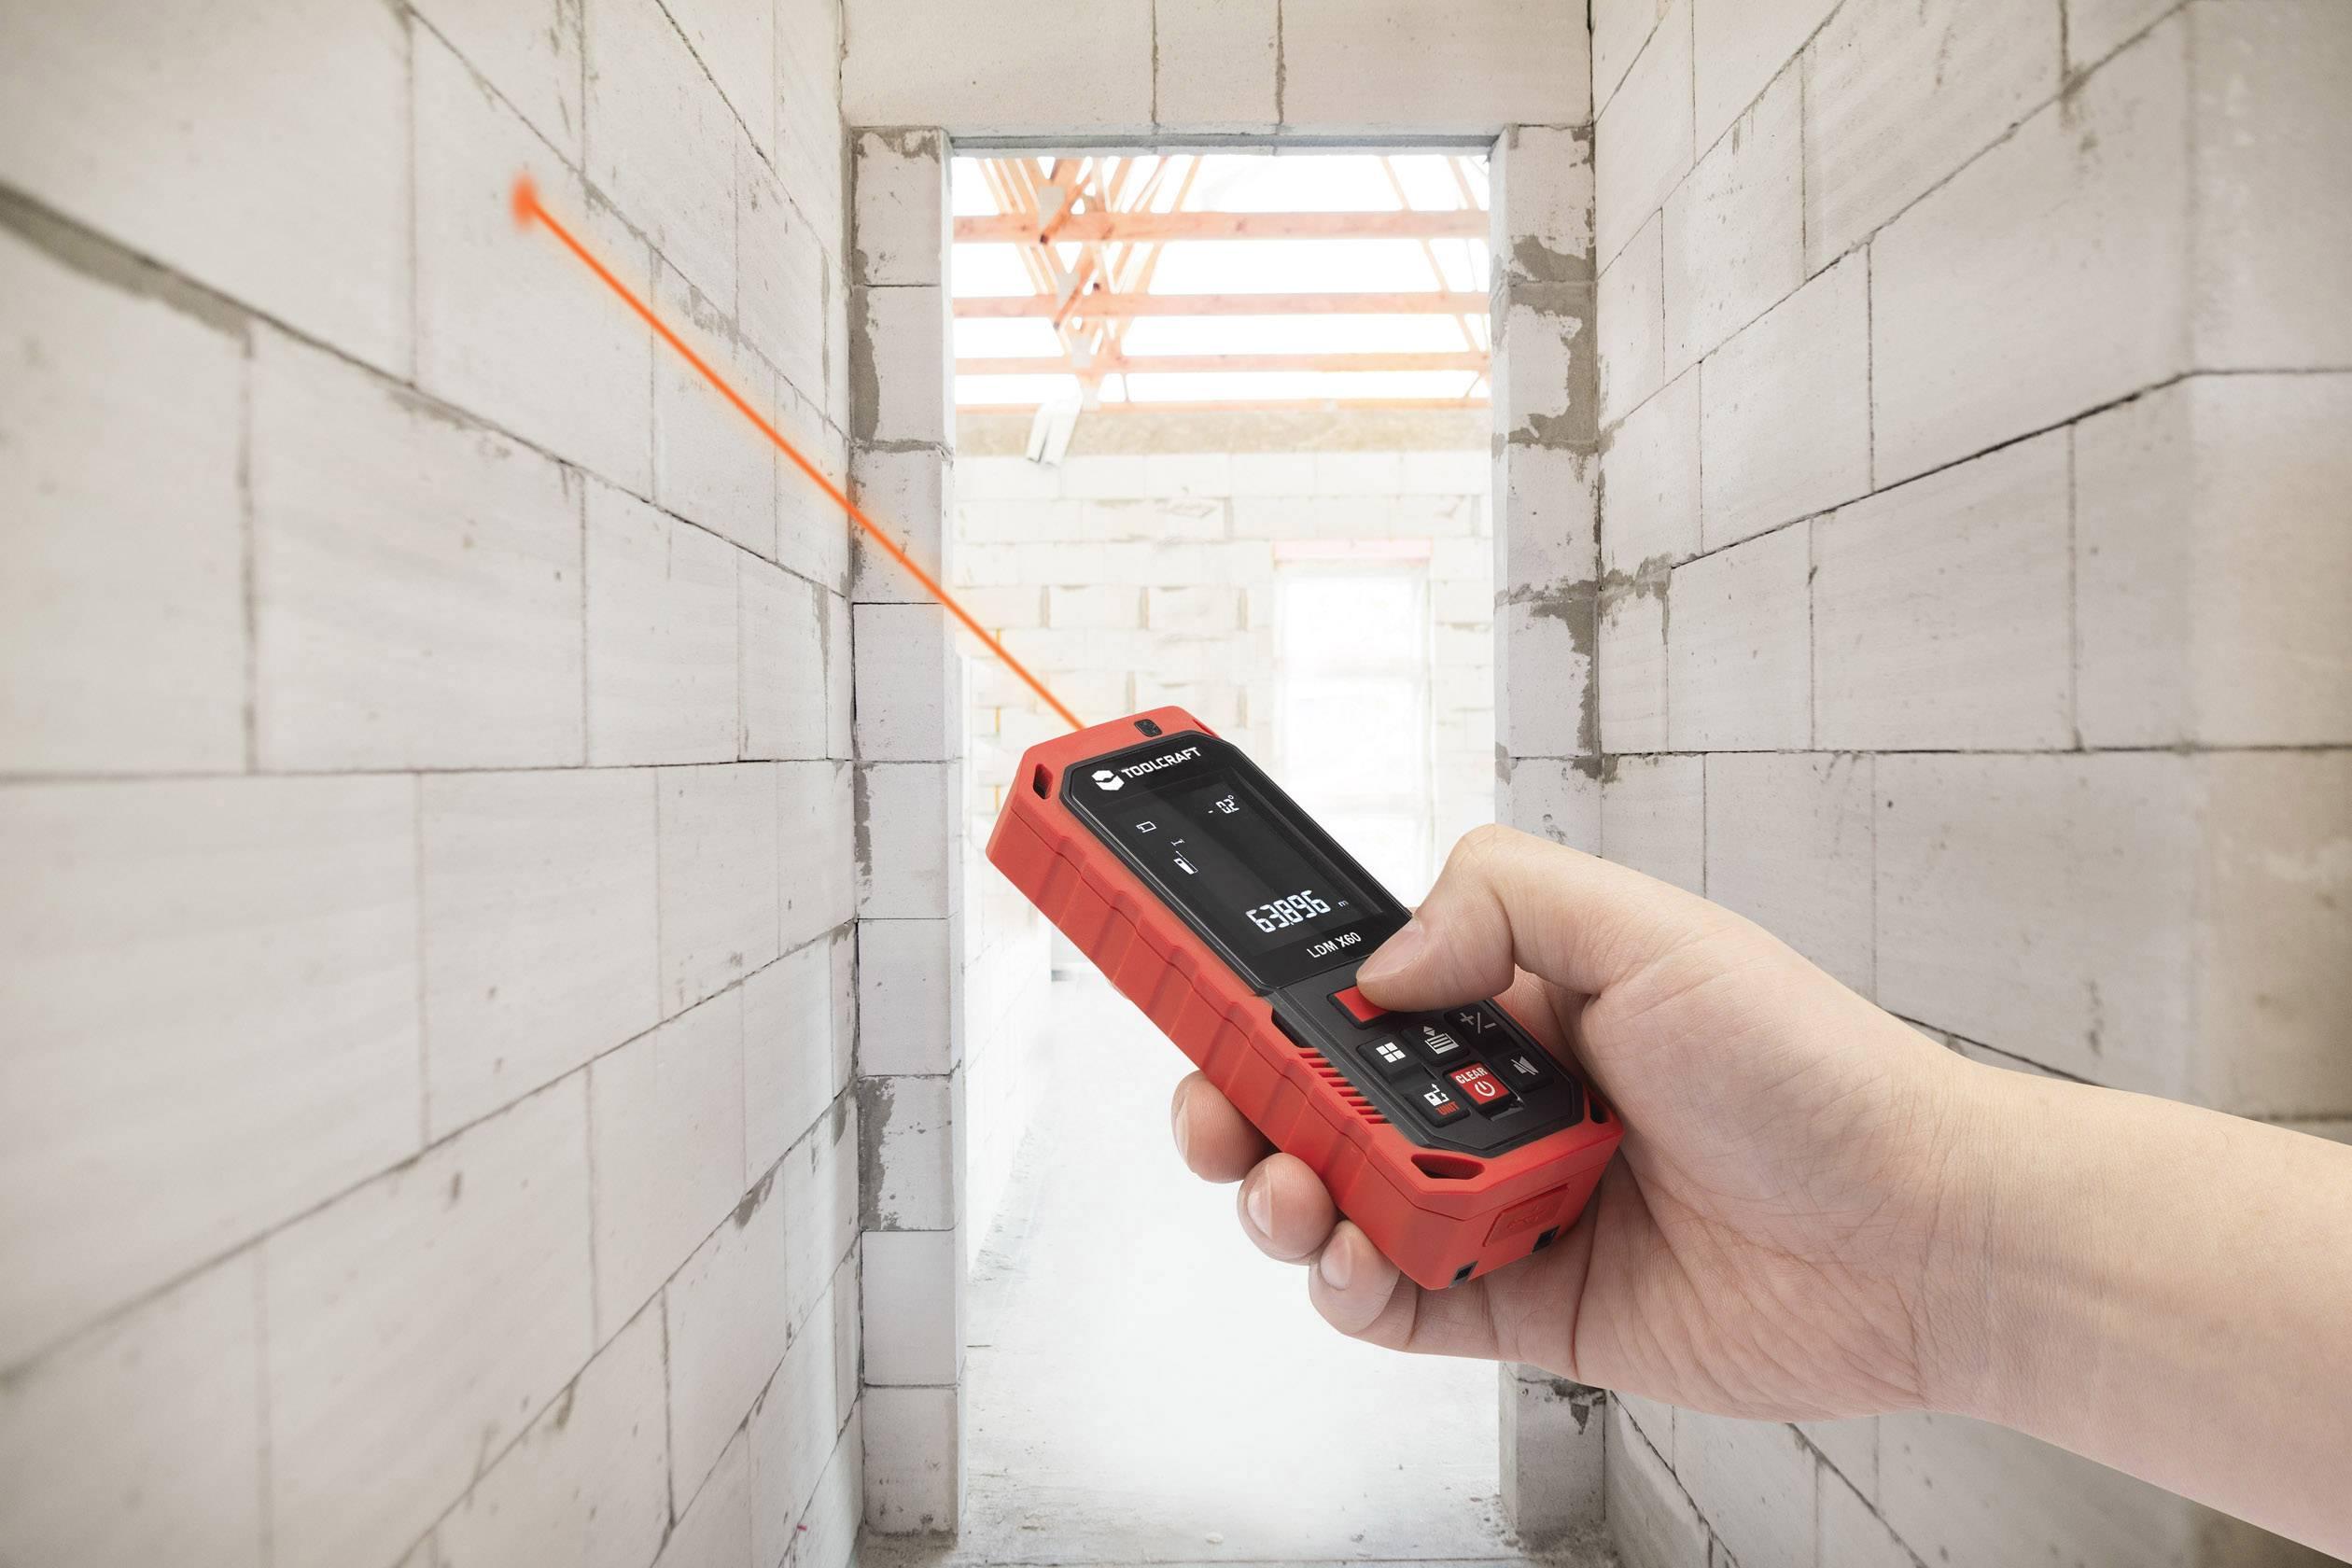 Bosch Plr 25 Laser Entfernungsmesser Bedienungsanleitung : Toolcraft to lmd laser entfernungsmesser messbereich max